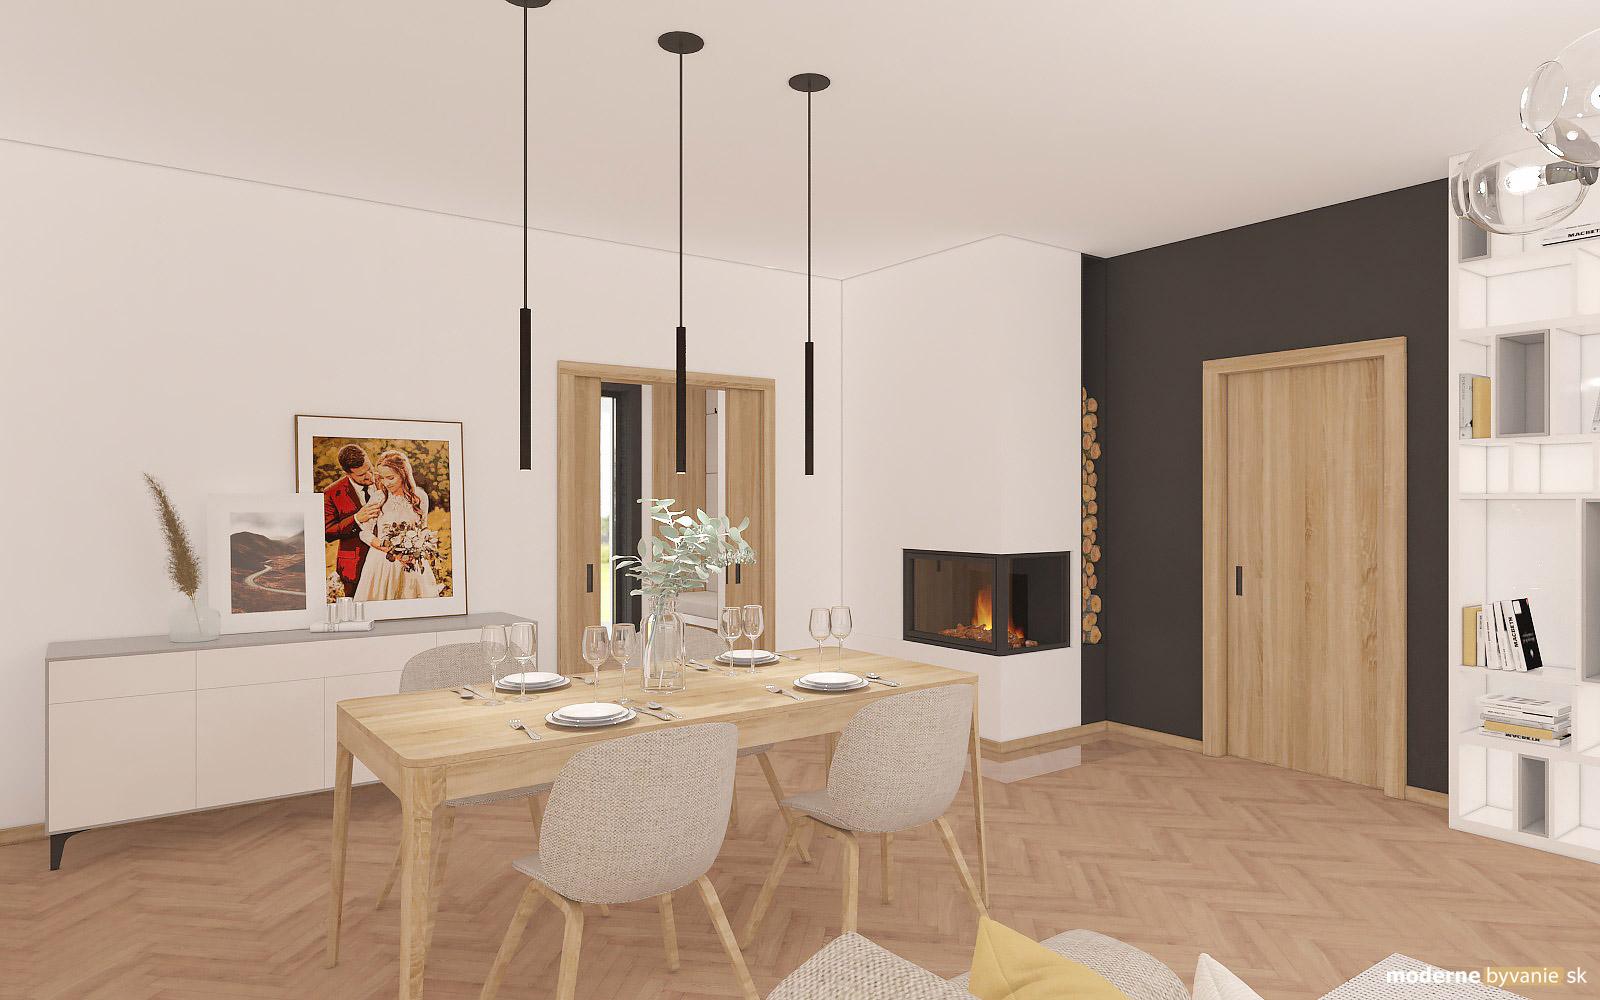 Návrh interiéru-Jedáleň-Návrh interiéru domu v Cíferi